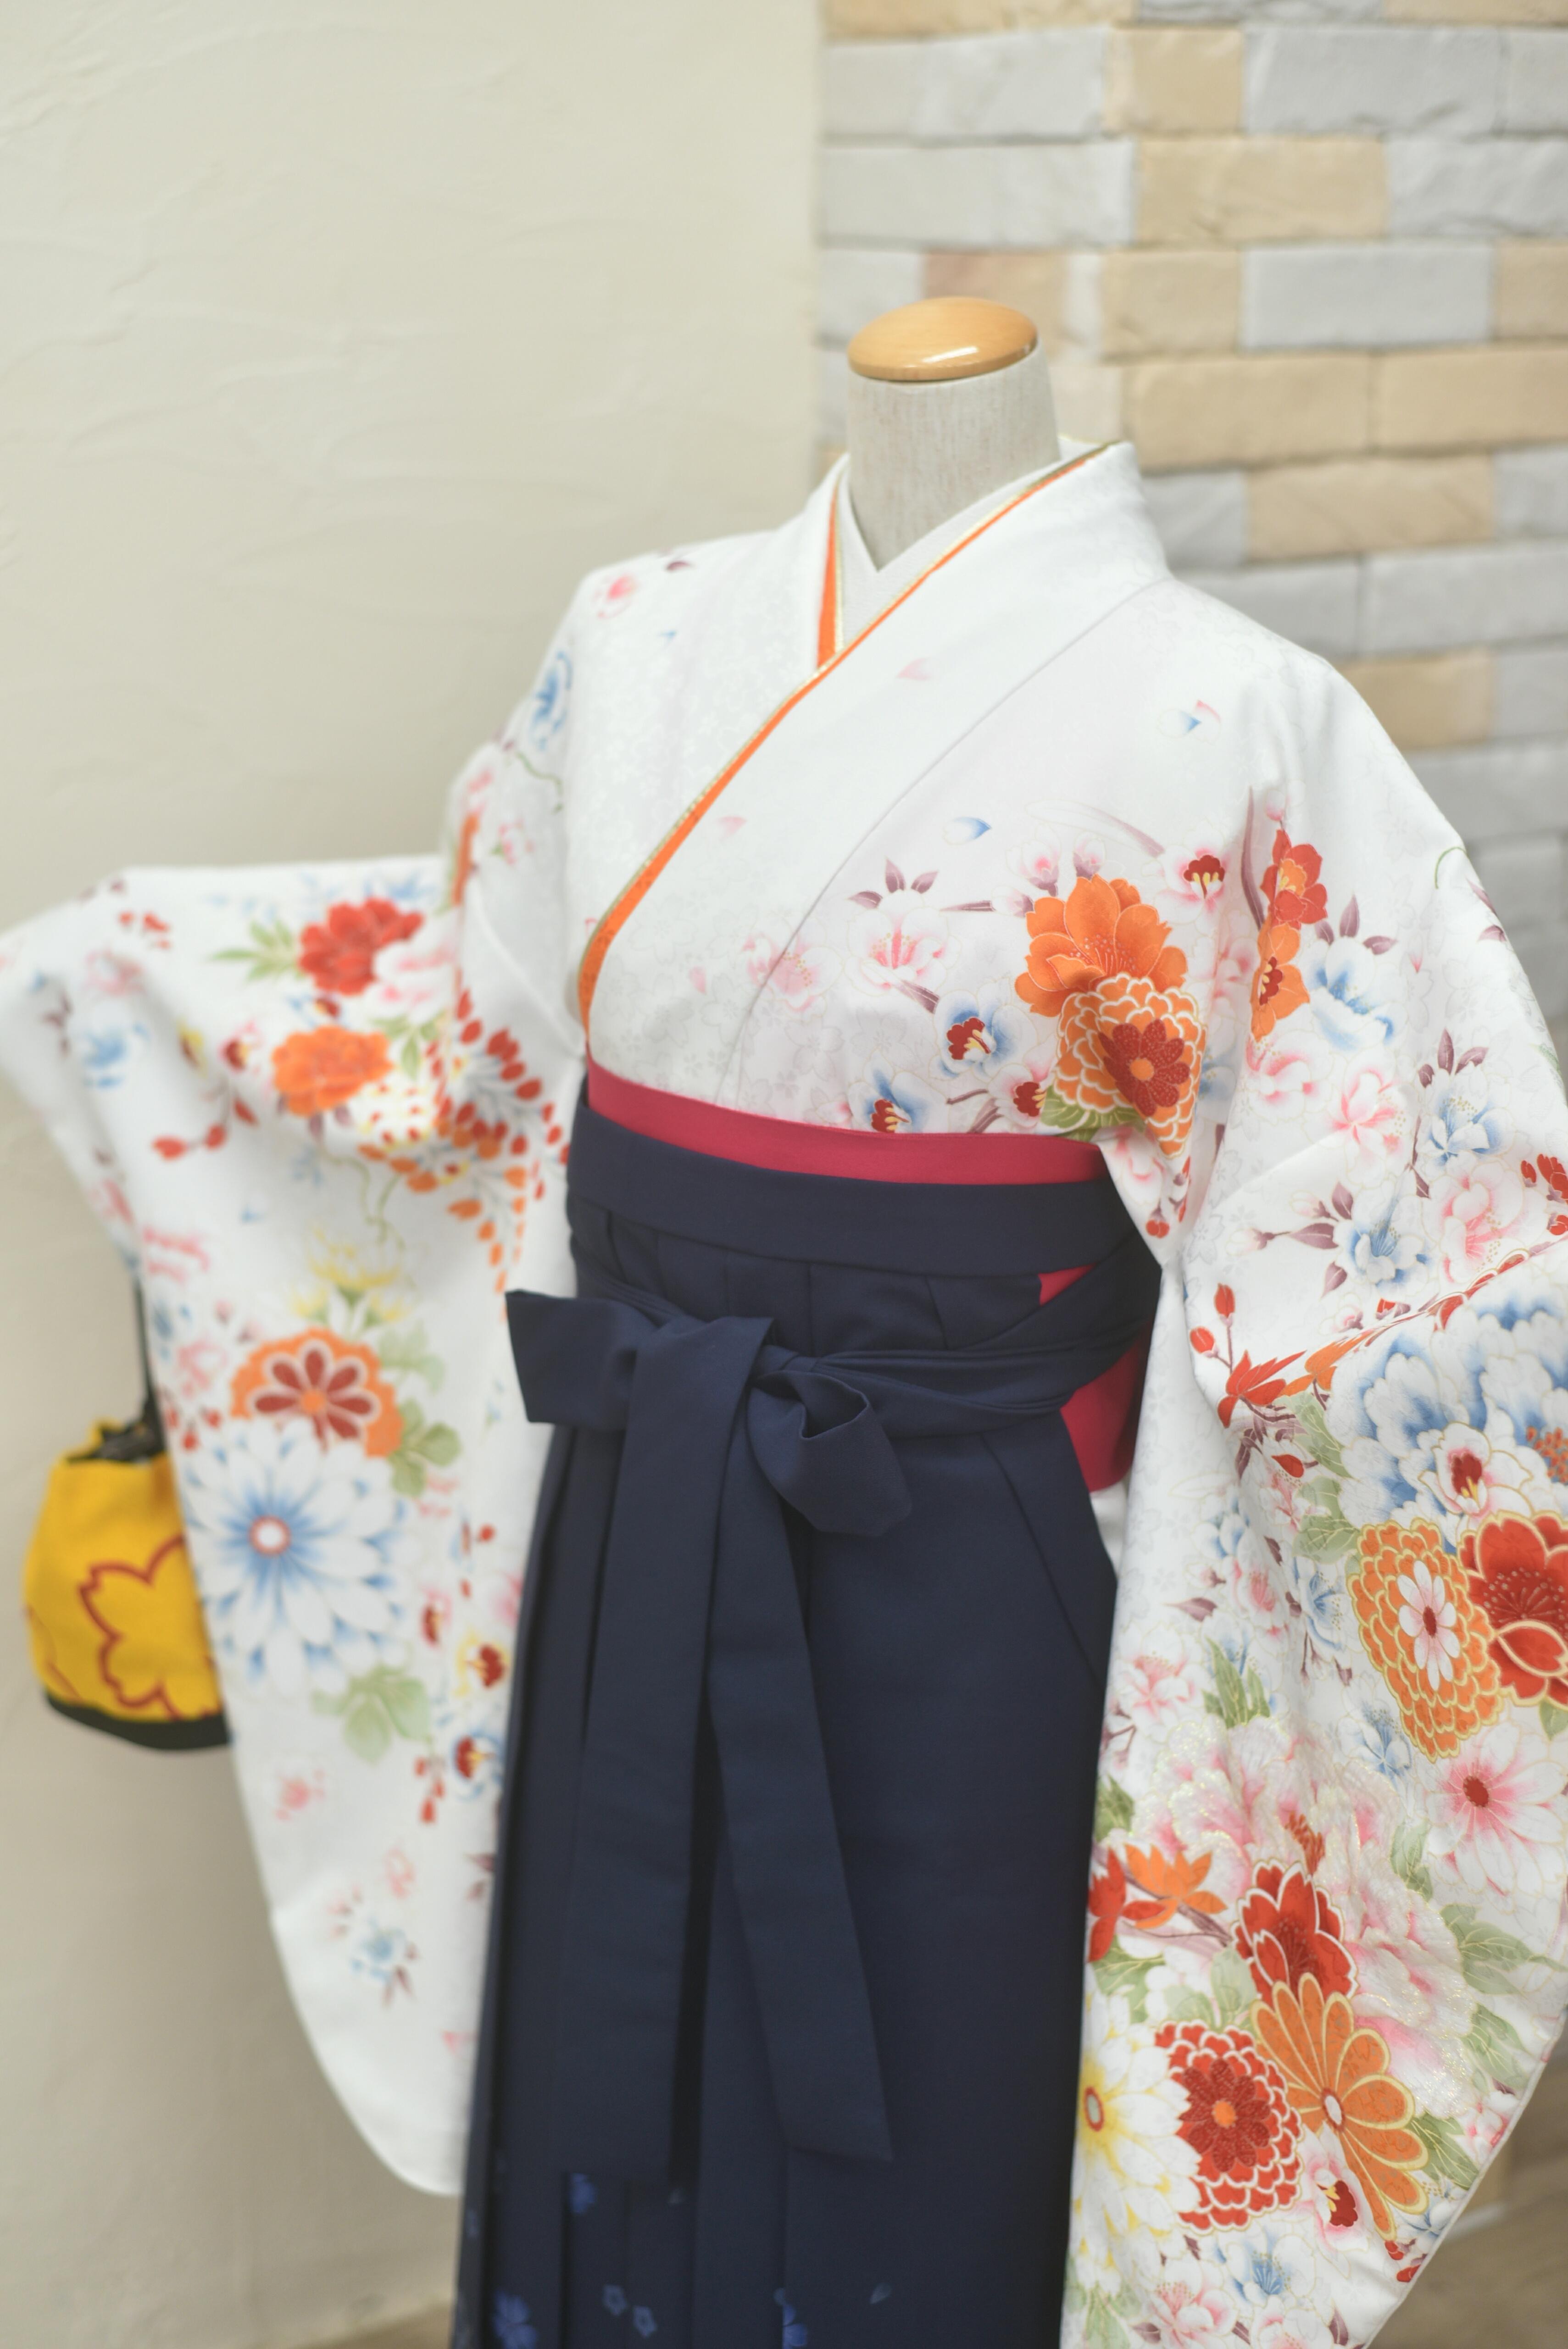 白地にオレンジ赤花柄、紺の袴胸元アップ